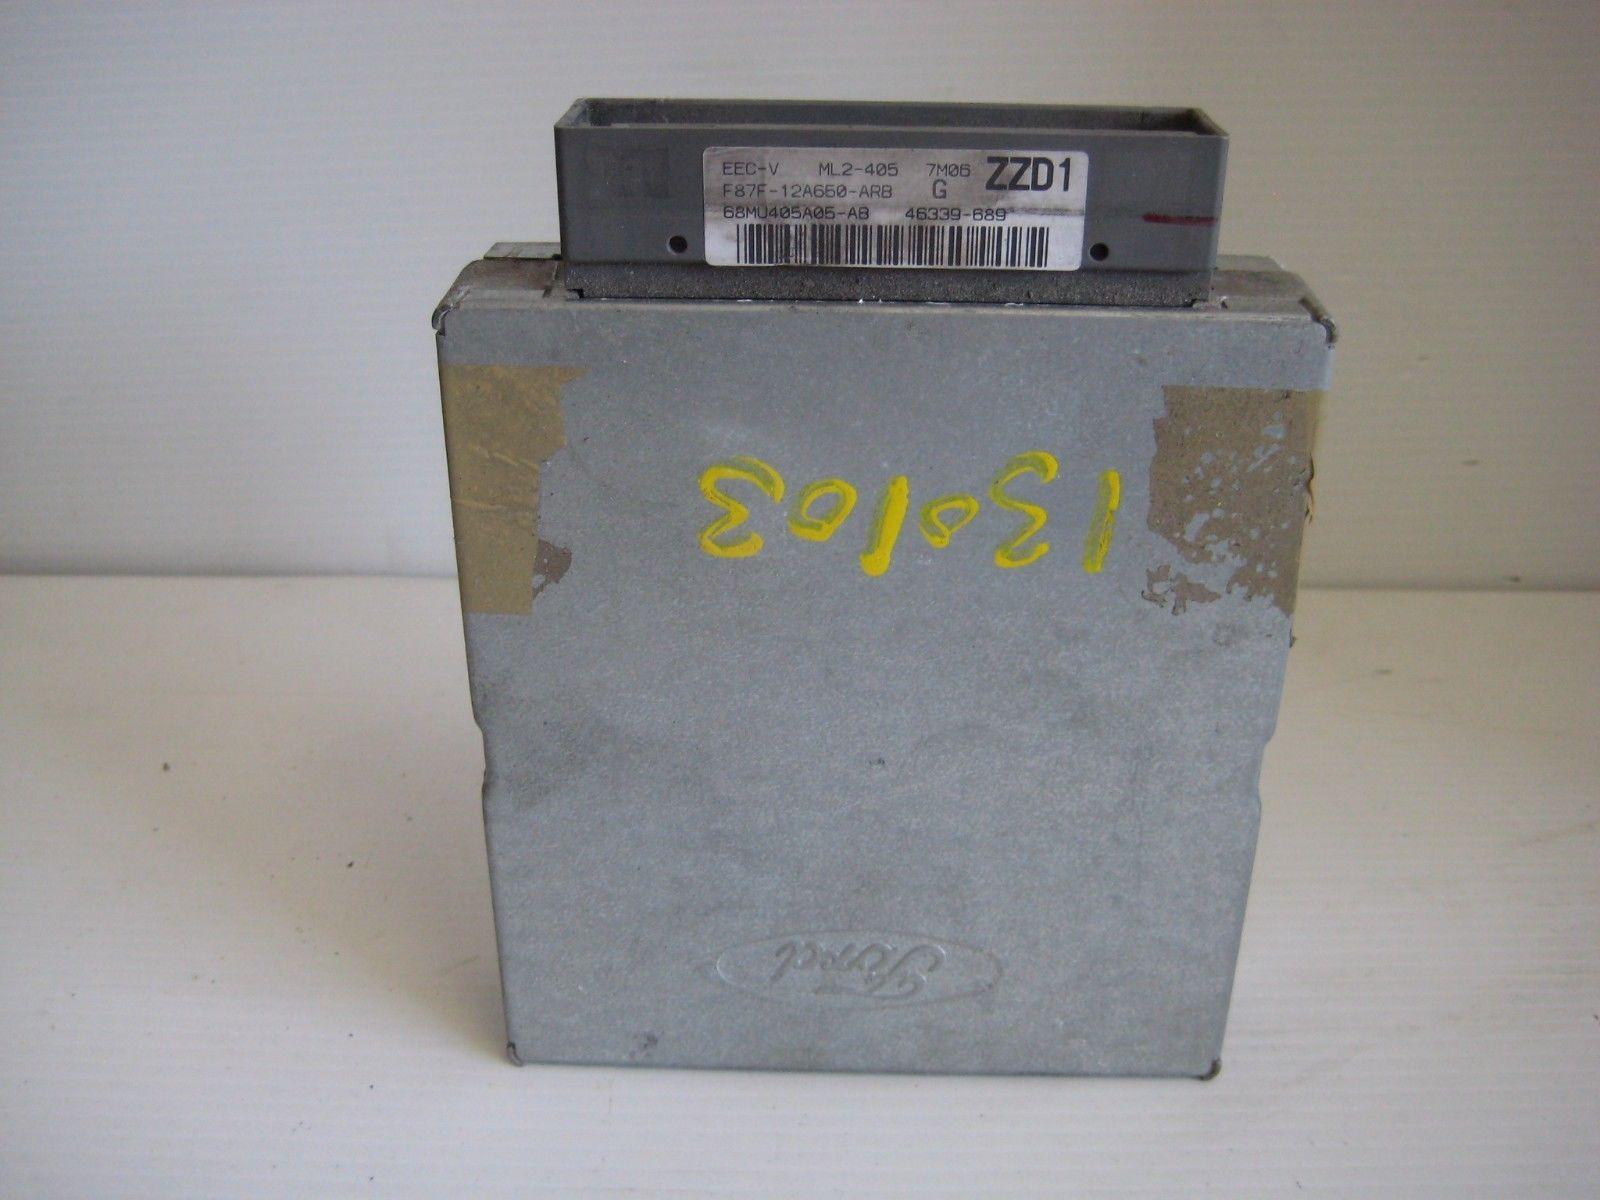 Ford Explorer 1998 Eec V Computer Ecm Ecu and 42 similar items